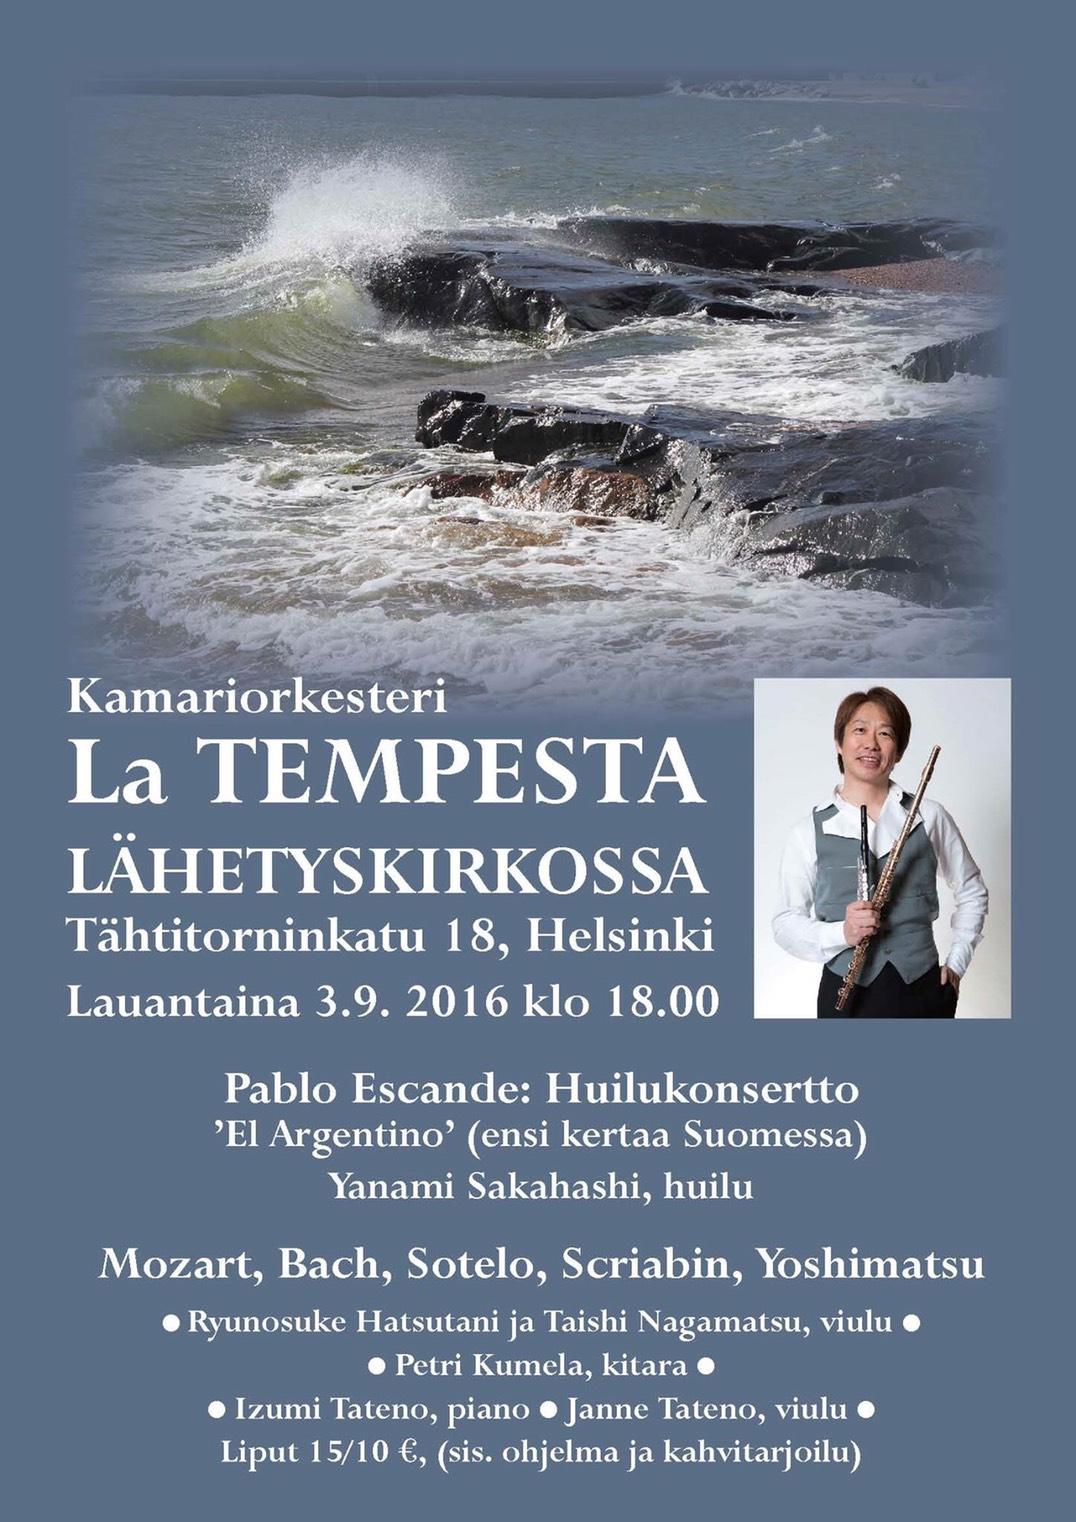 ラ・テンペスタ室内管弦楽団演奏会